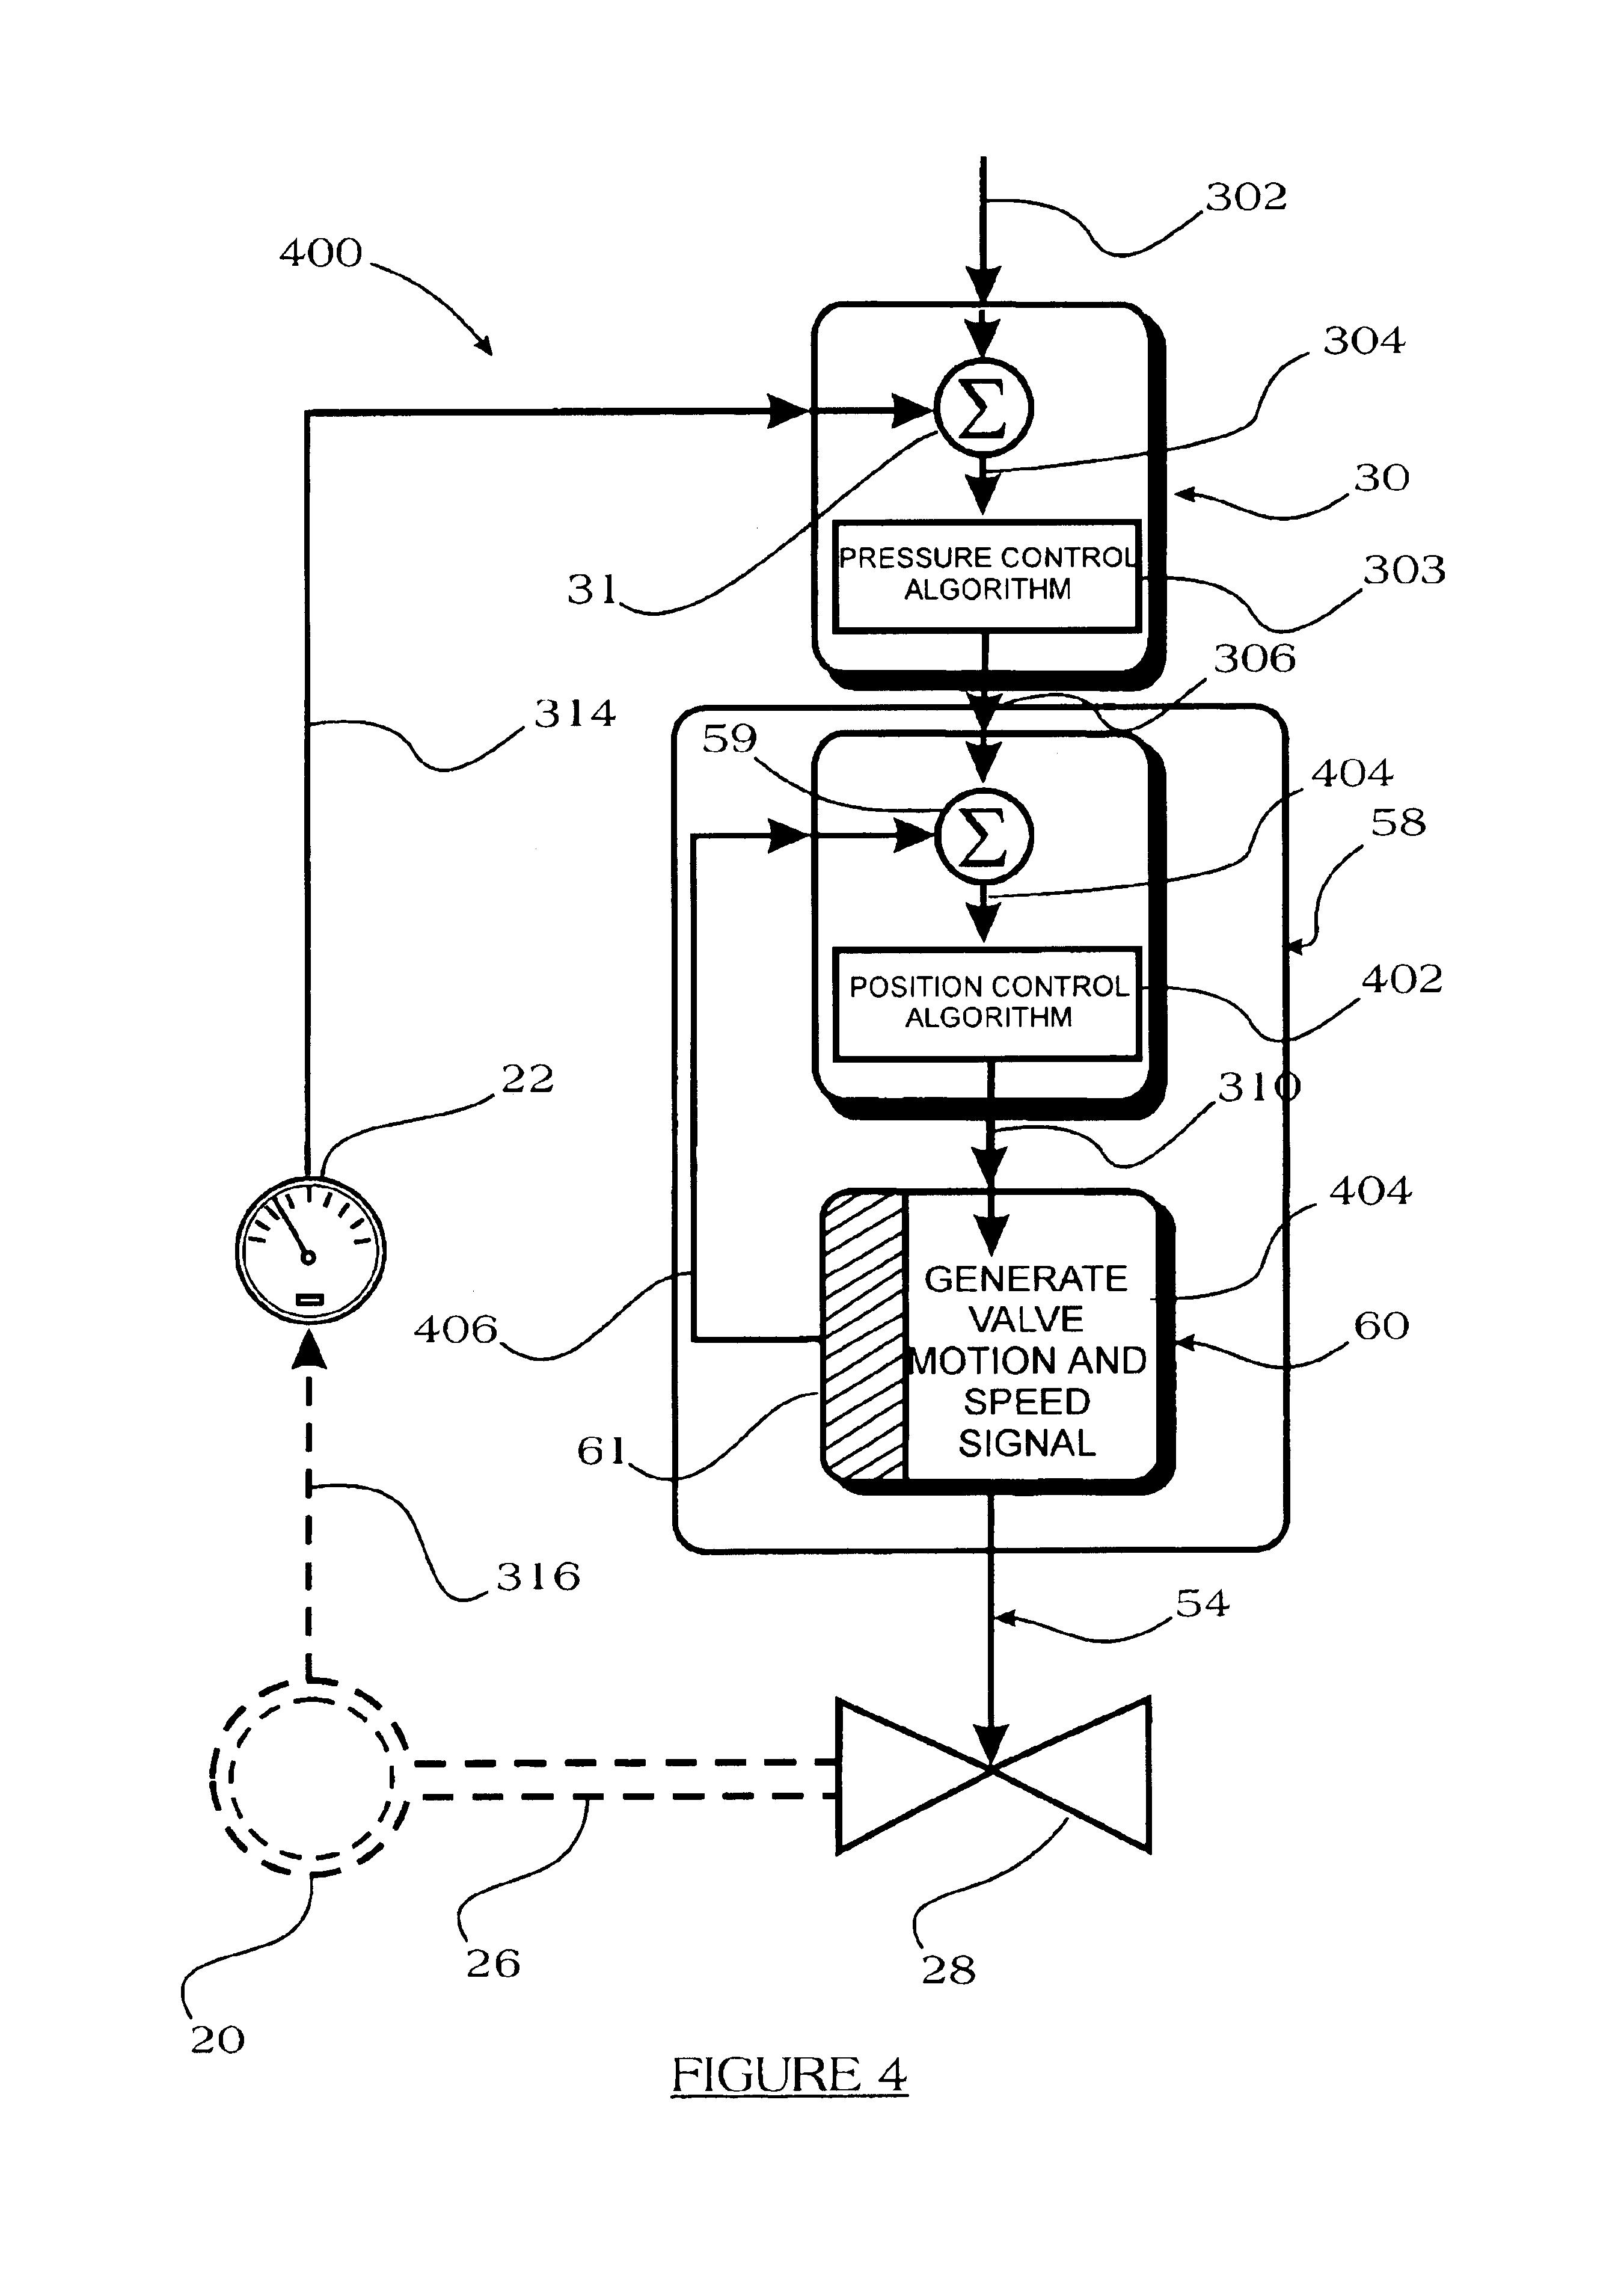 Us6814096 Pressure Controller And Method 2010 Hyundai Elantra Engine Diagram Patent Drawing